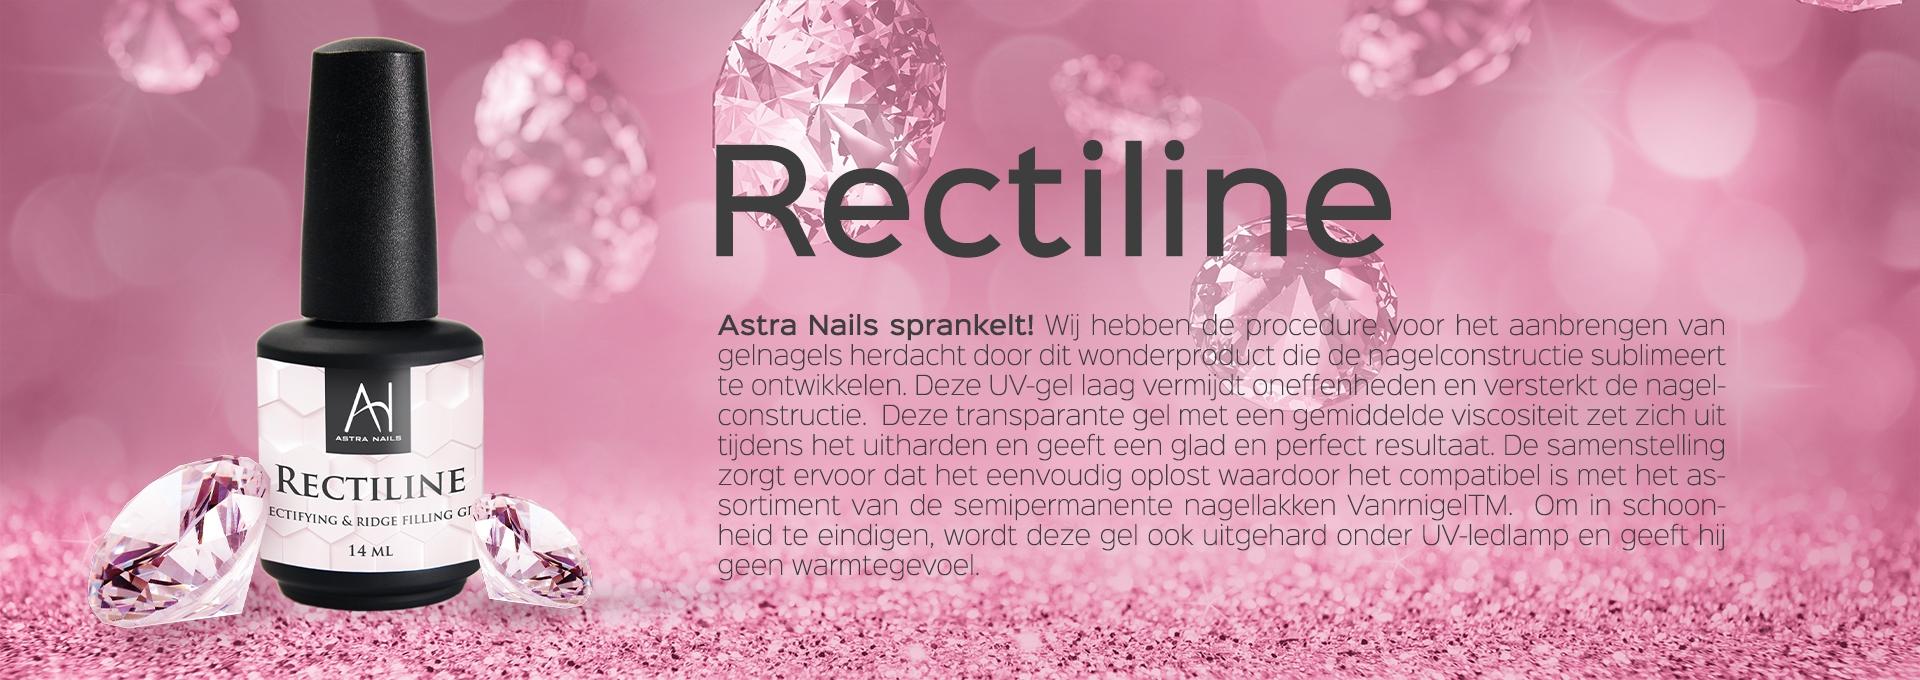 Rectiline